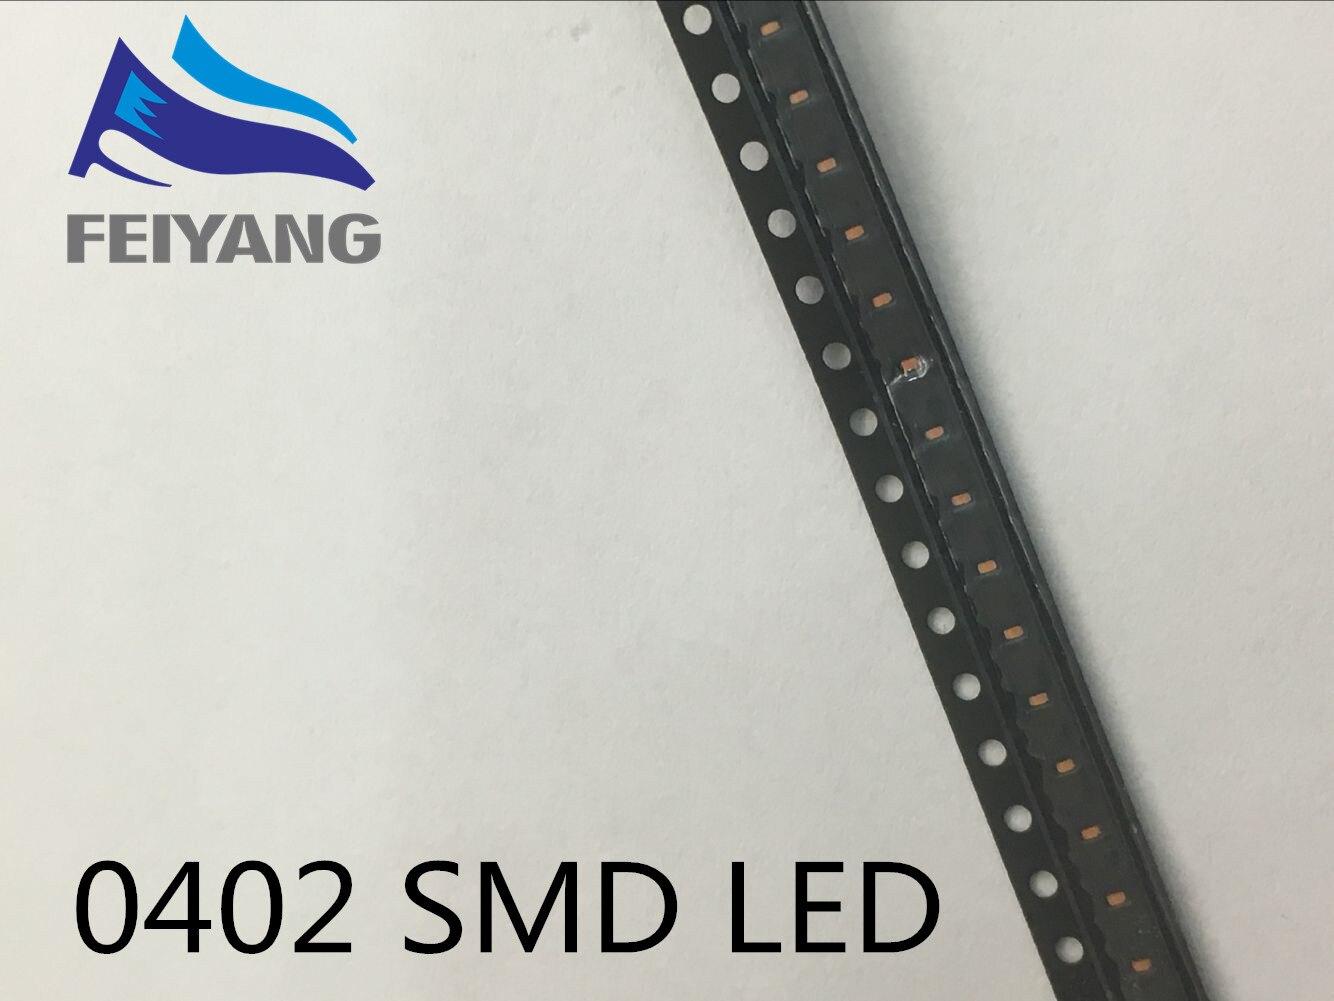 2000 шт. <font><b>0402</b></font> 1005 1.0&#215;0.5 мм красный свет <font><b>SMD</b></font> светодиод светодиодные лампы шарик 620-625NM 1.0*0.5*0.35 мм